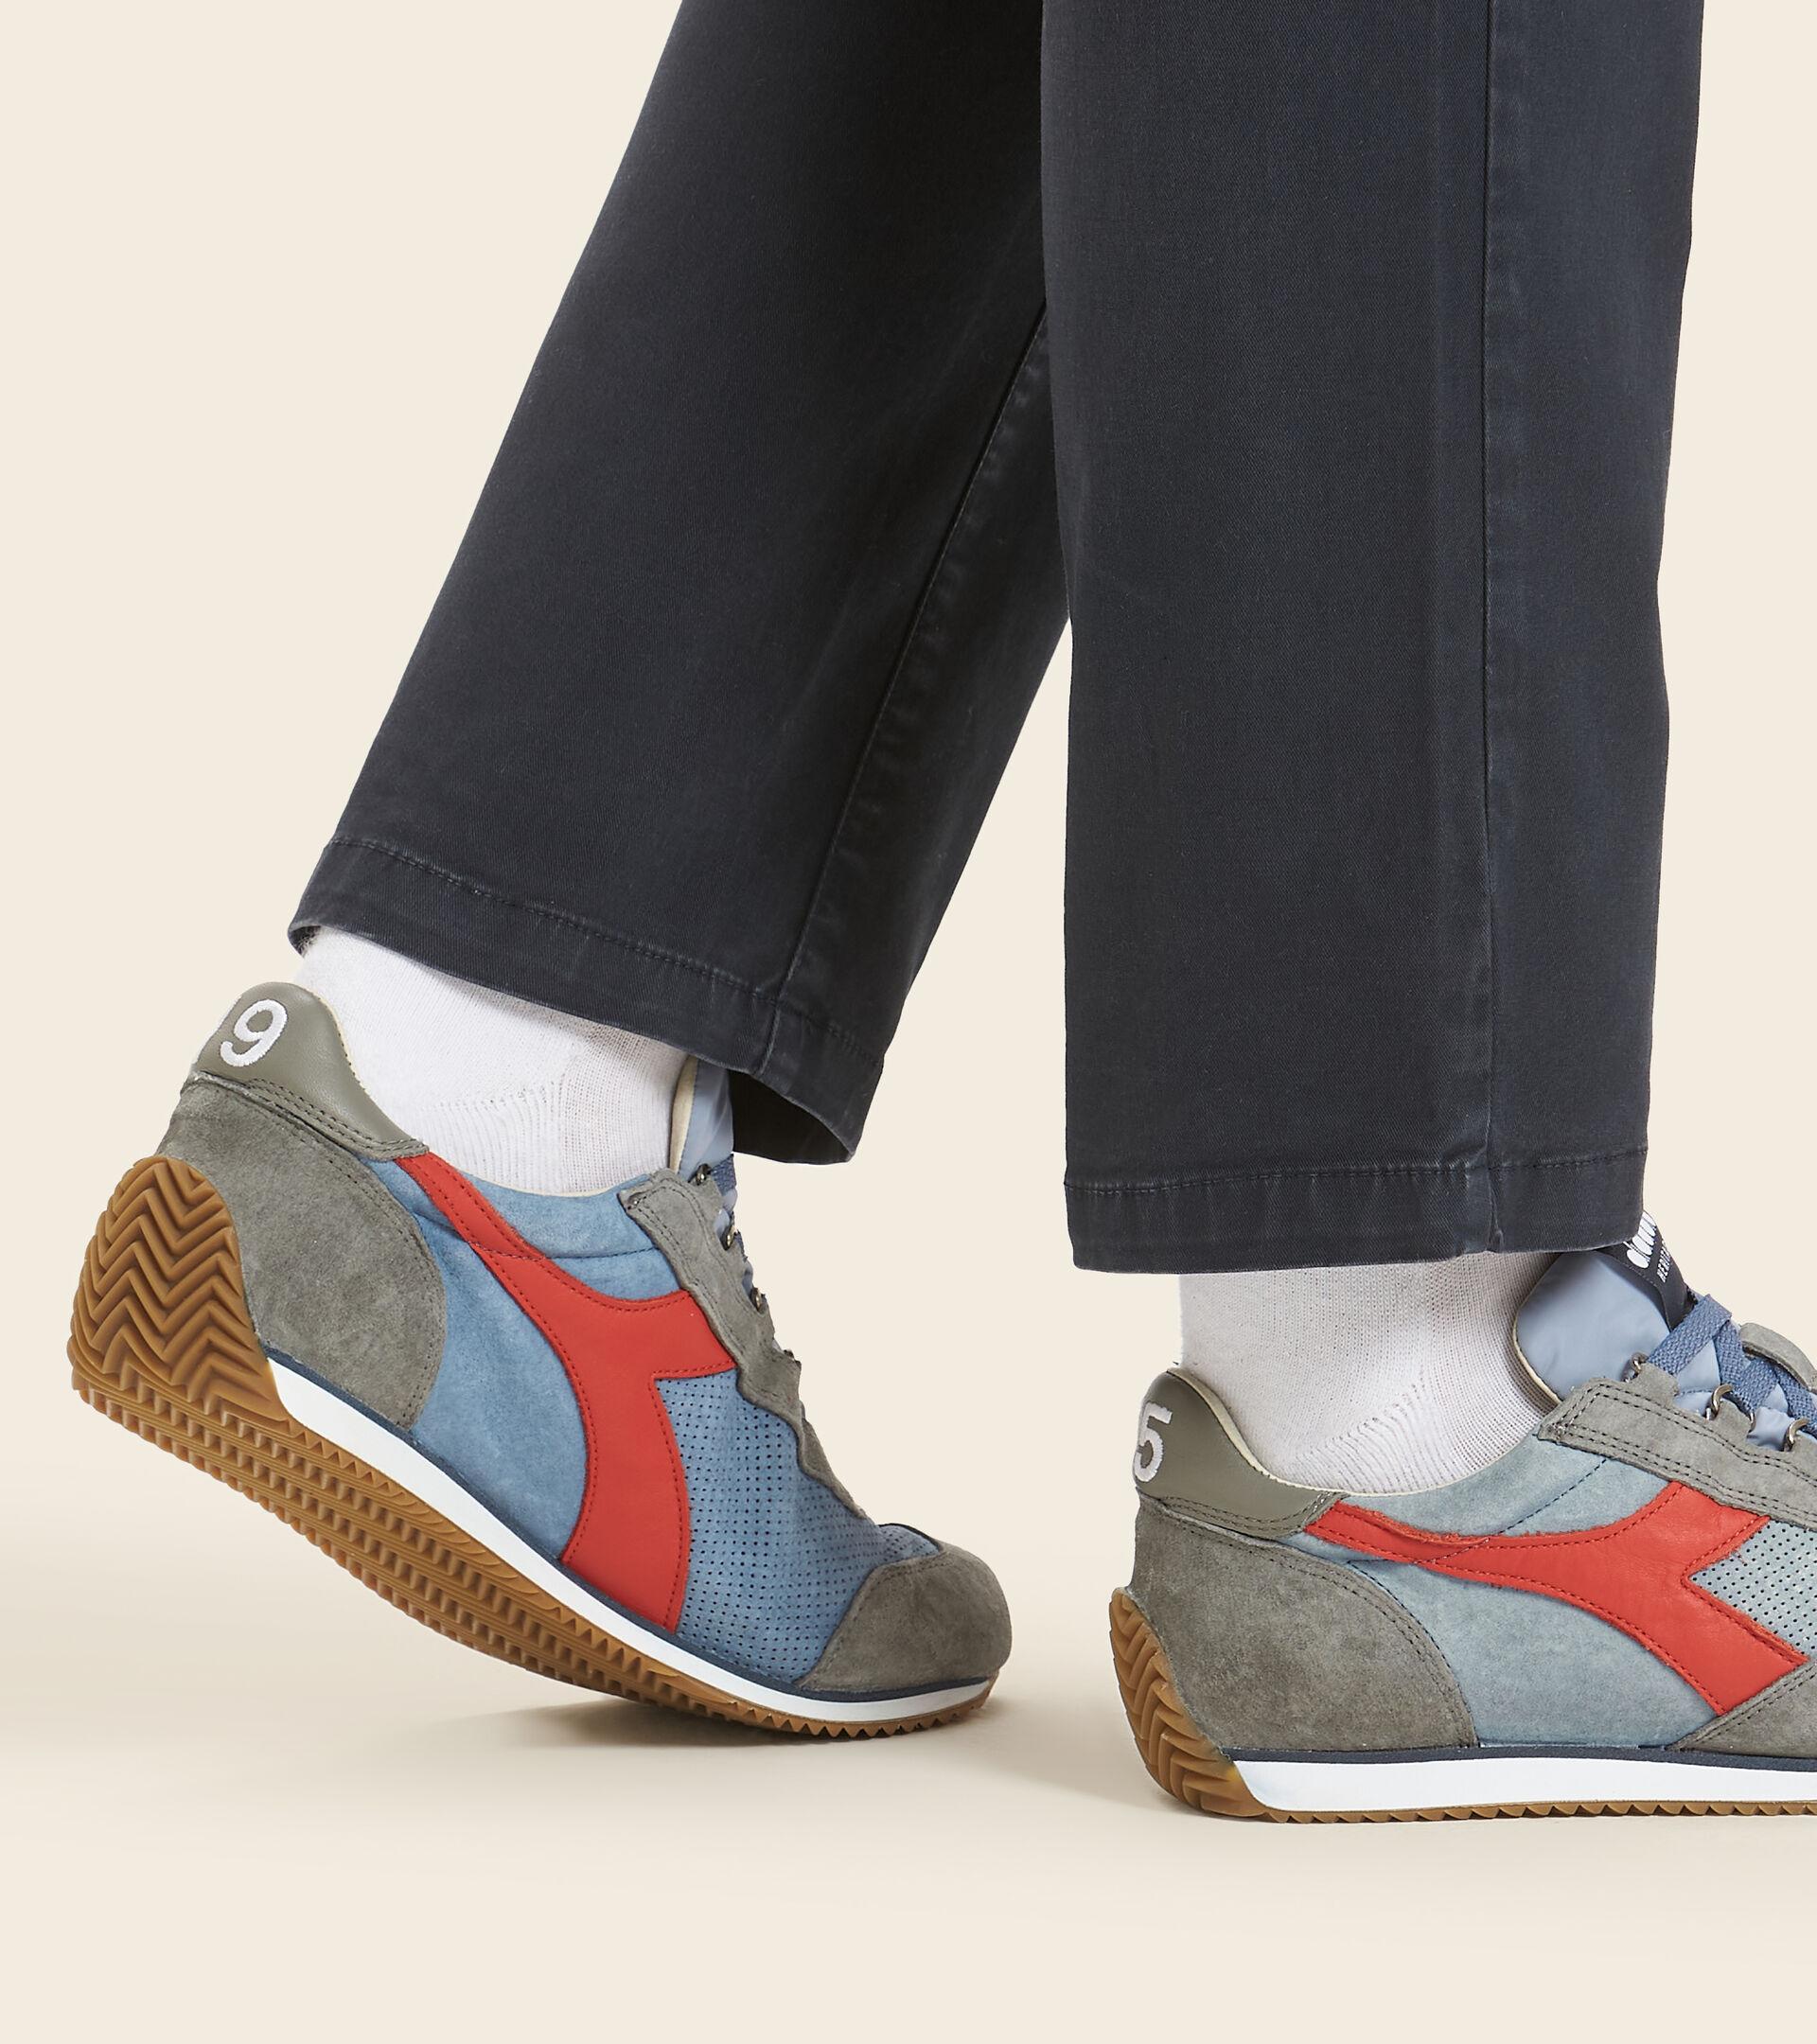 Heritage-Sneaker - Unisex  EQUIPE SUEDE SW VERBLICHENE JEANSSTOFF - Diadora